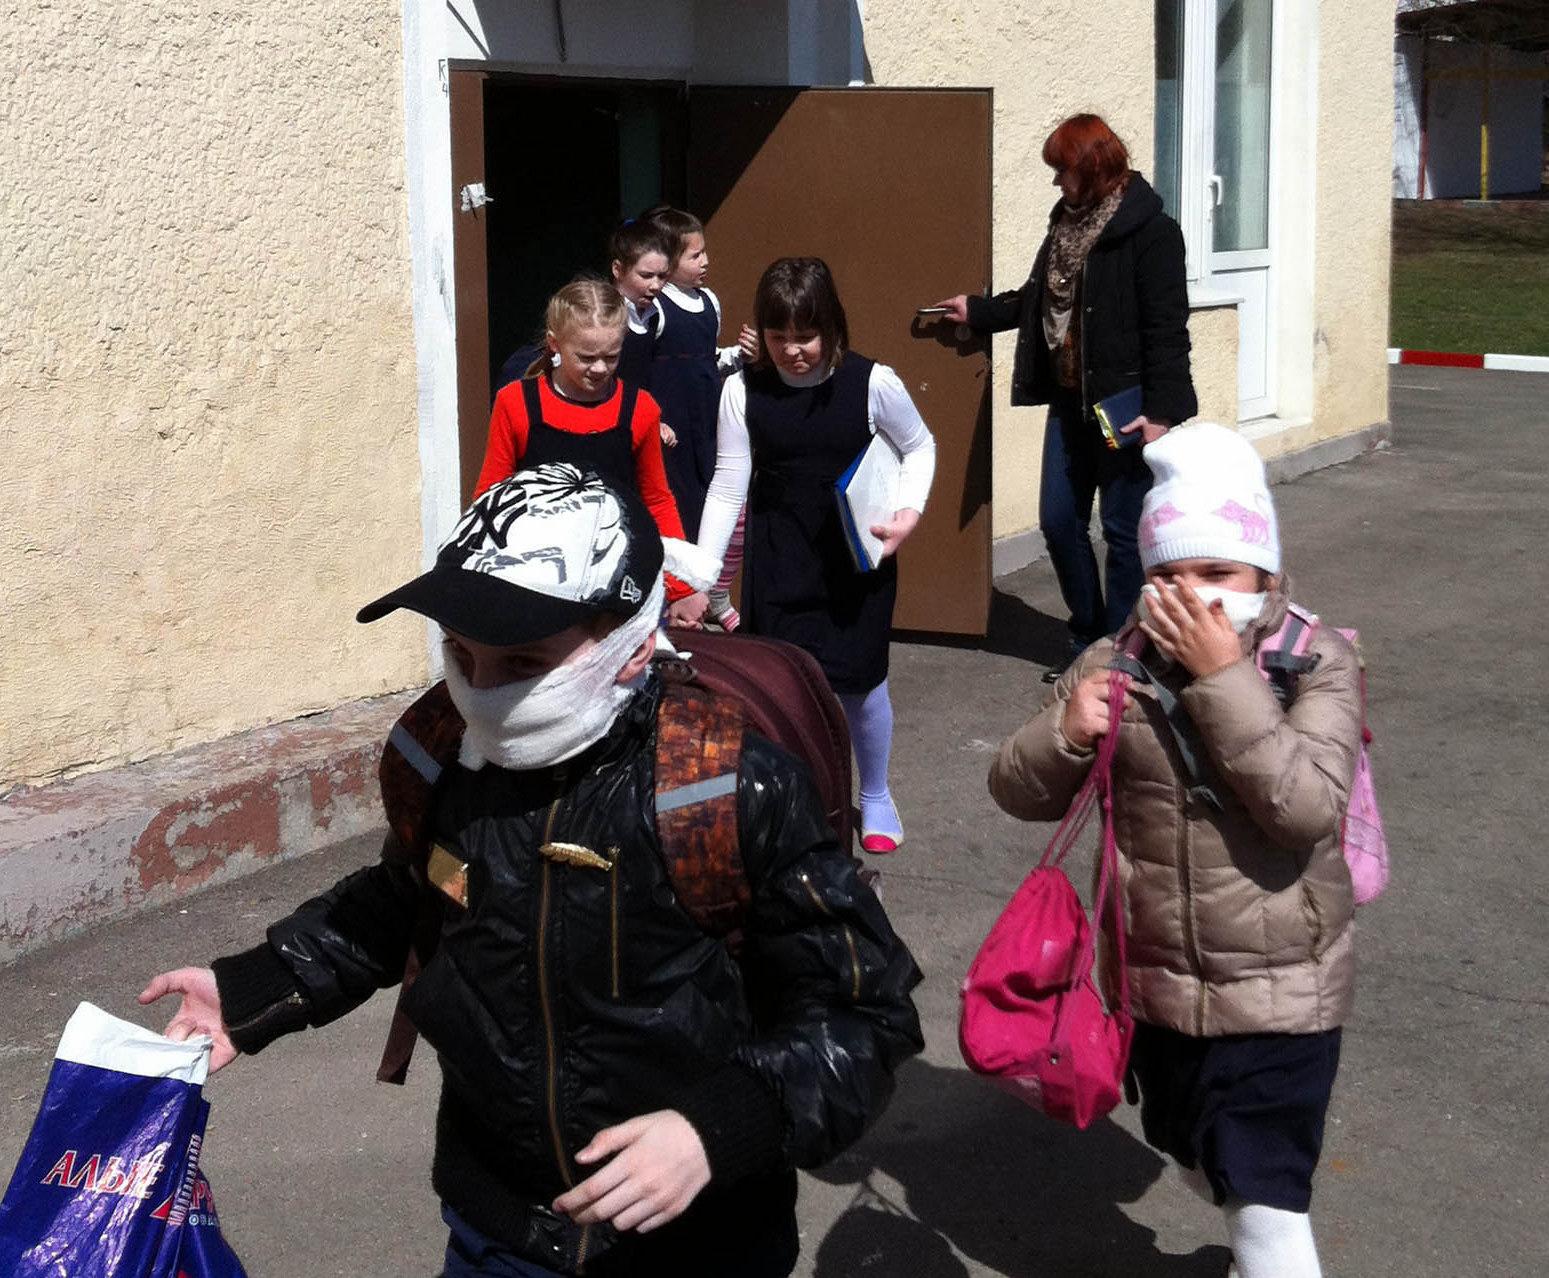 Действия при Пожаре инструкция в Школе - картинка 1